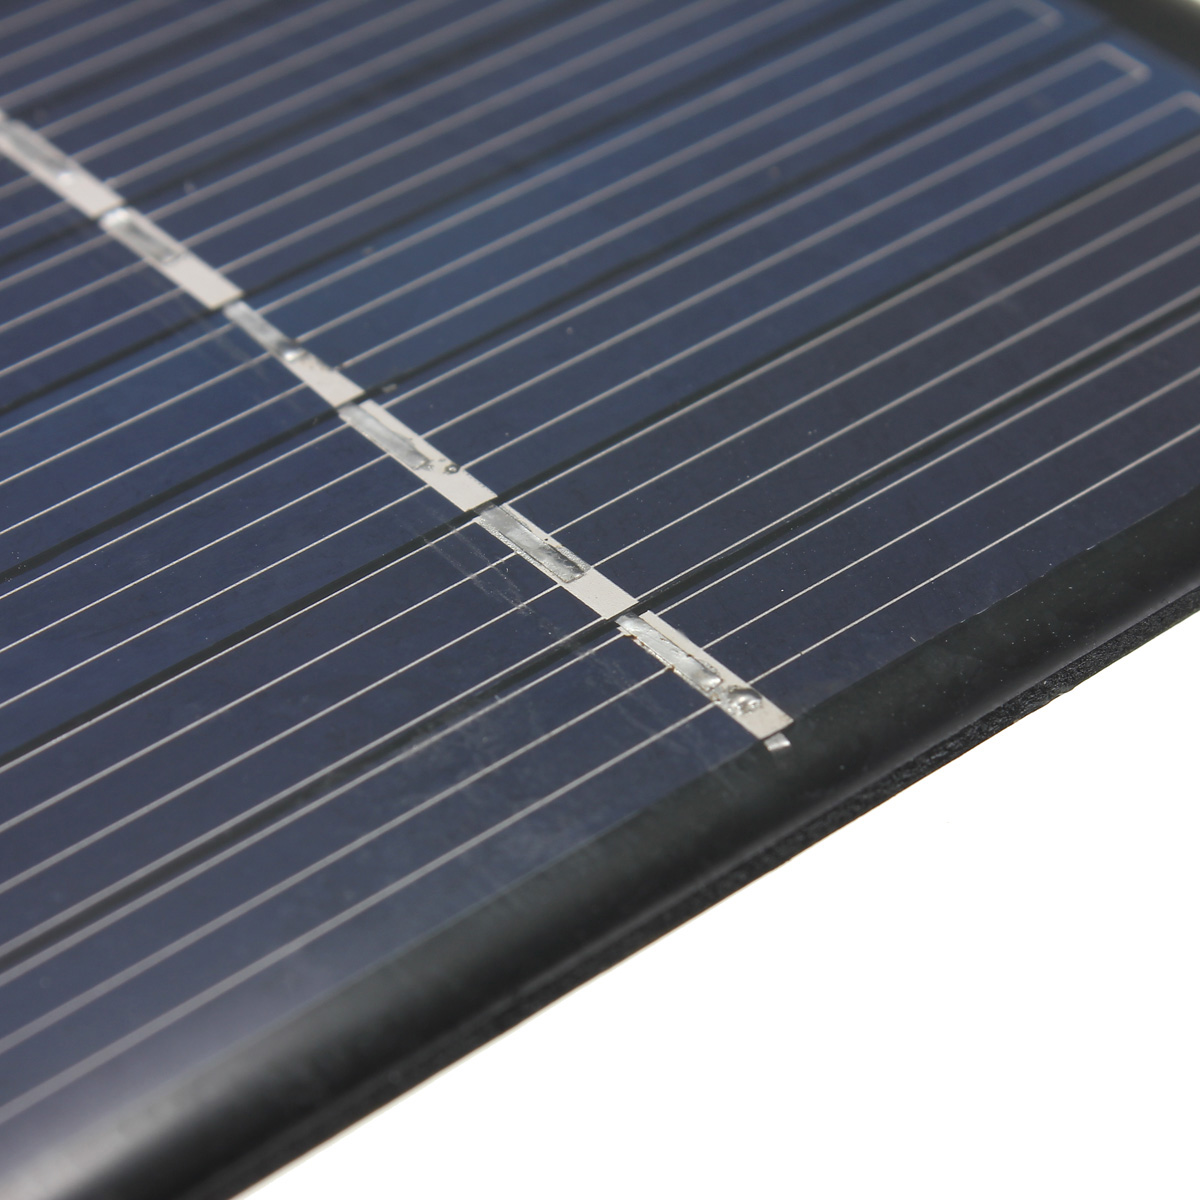 Pannello Solare Per Vw California : W v pannello solare solar panel fotovoltaico per